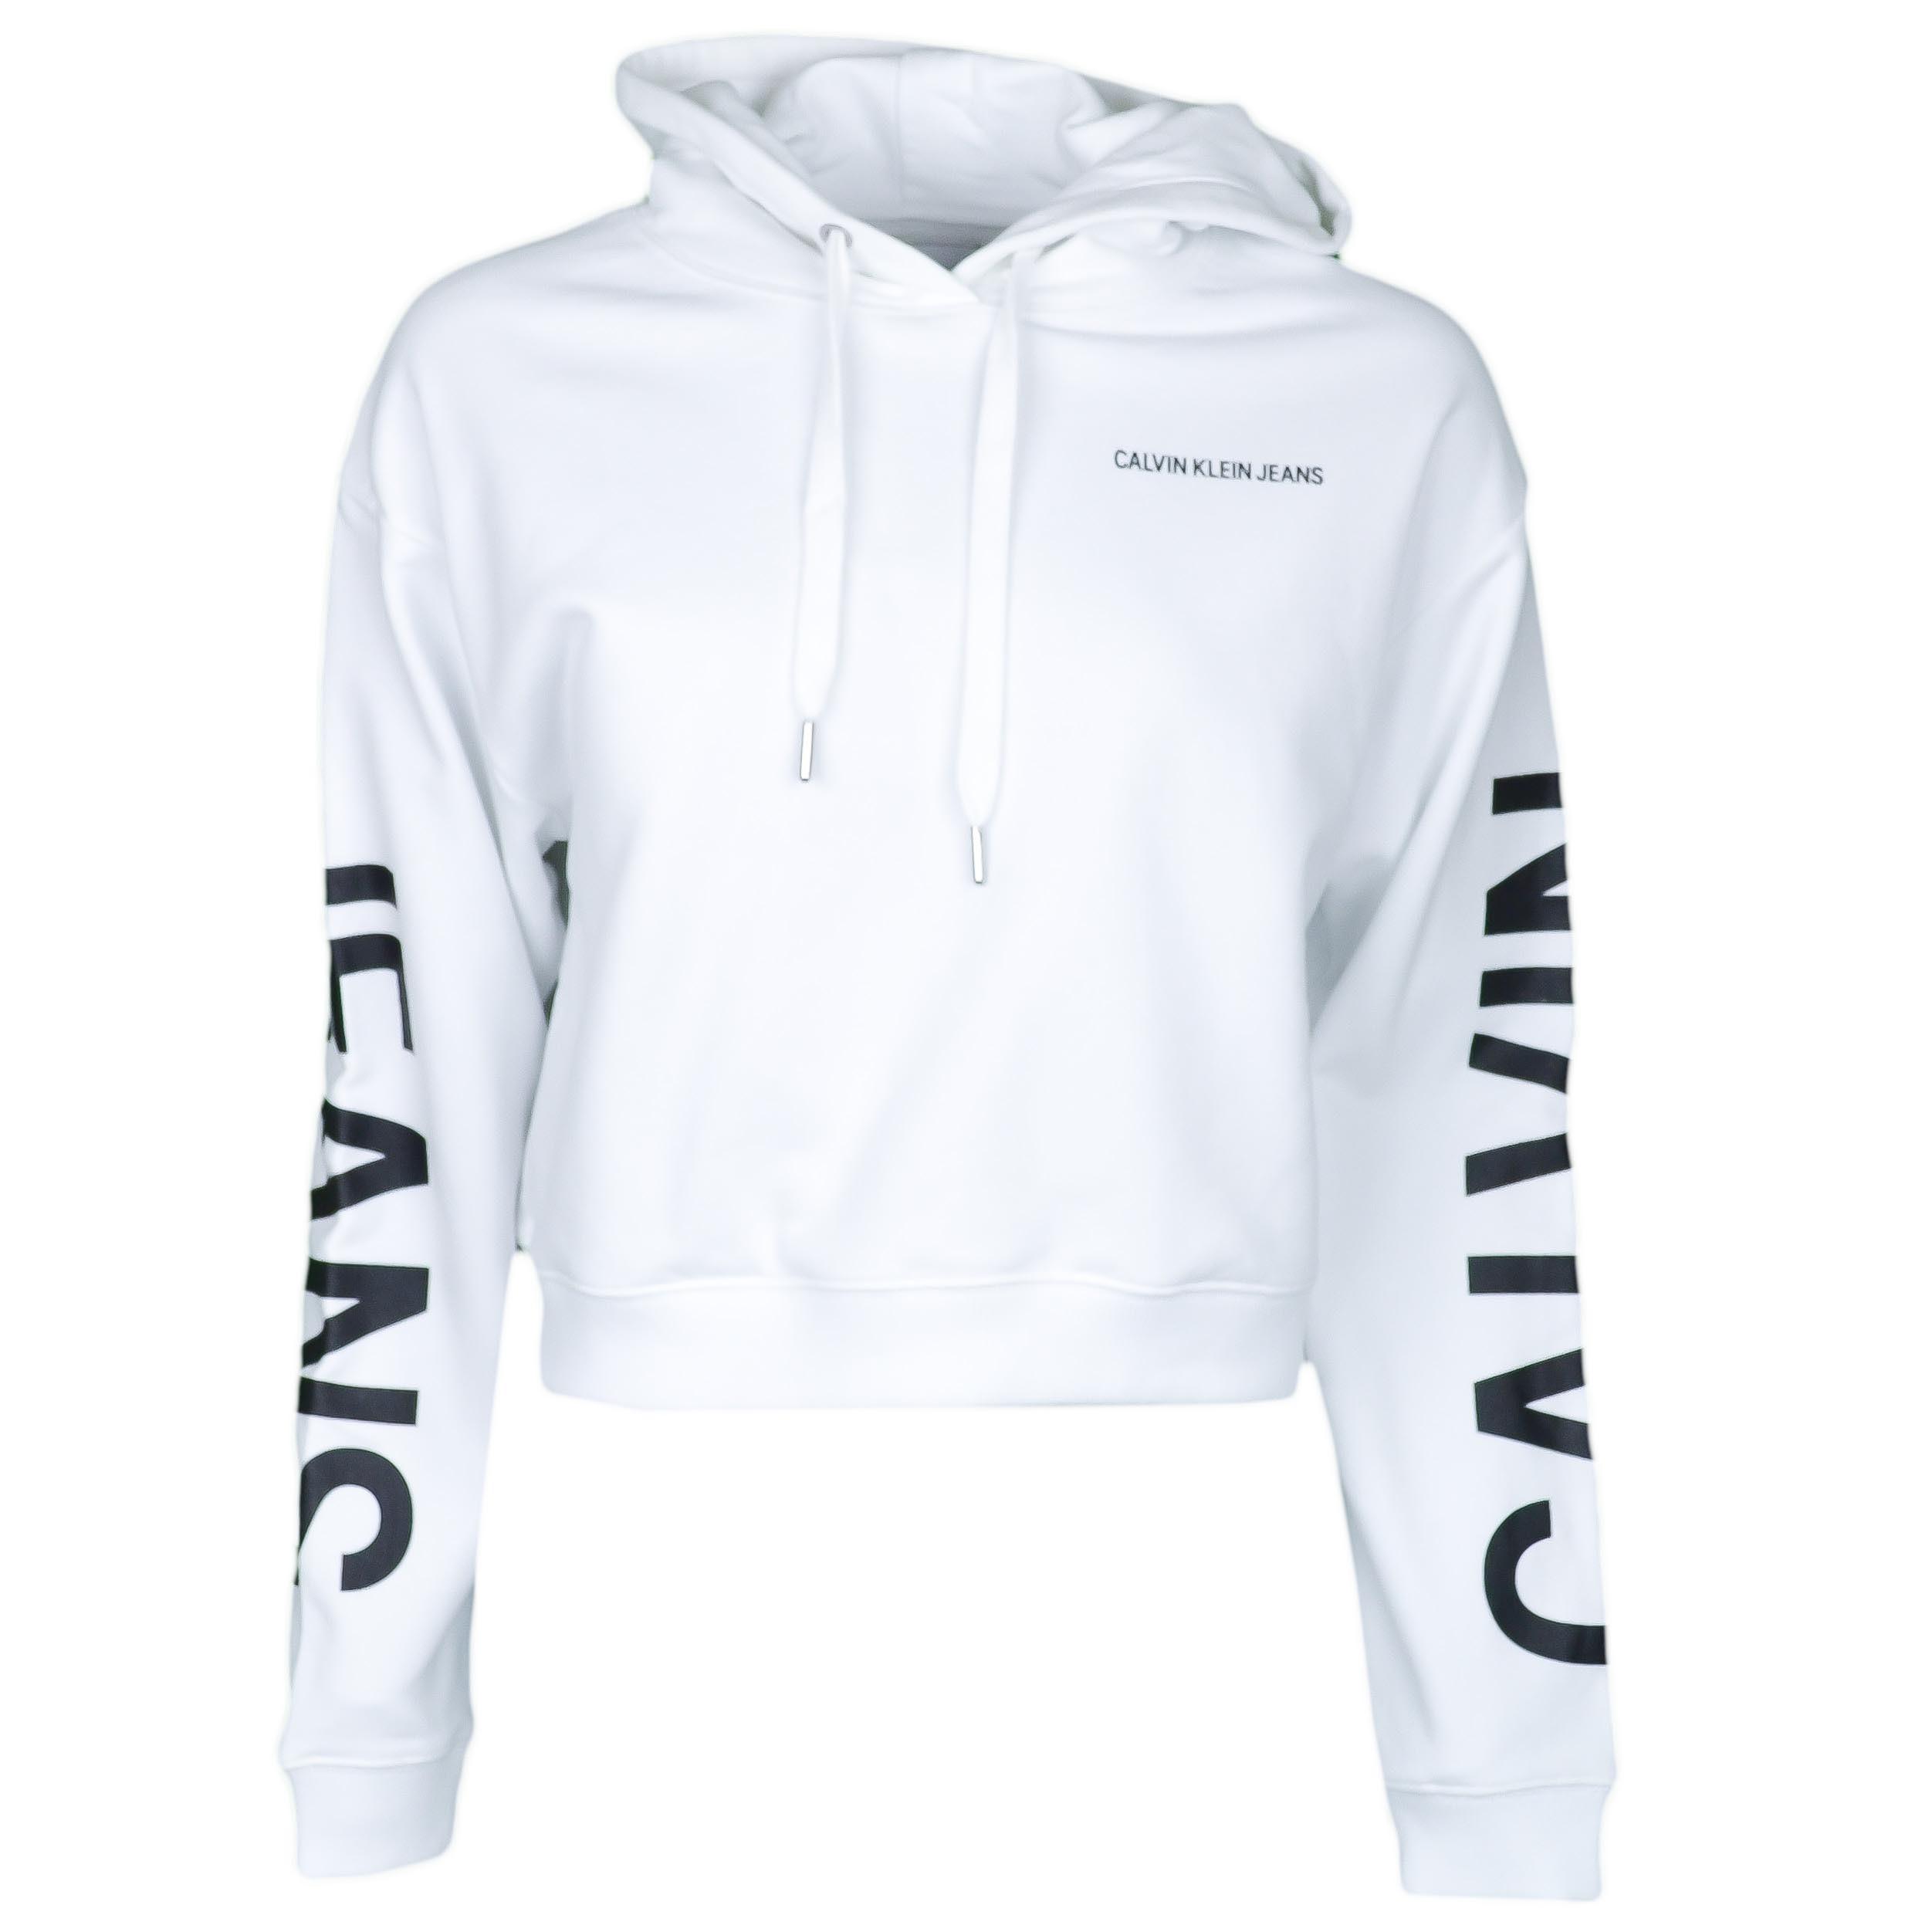 3d587bf8c86e7 Sweat court à capuche Calvin Klein blanc pour femme - Toujours au m...